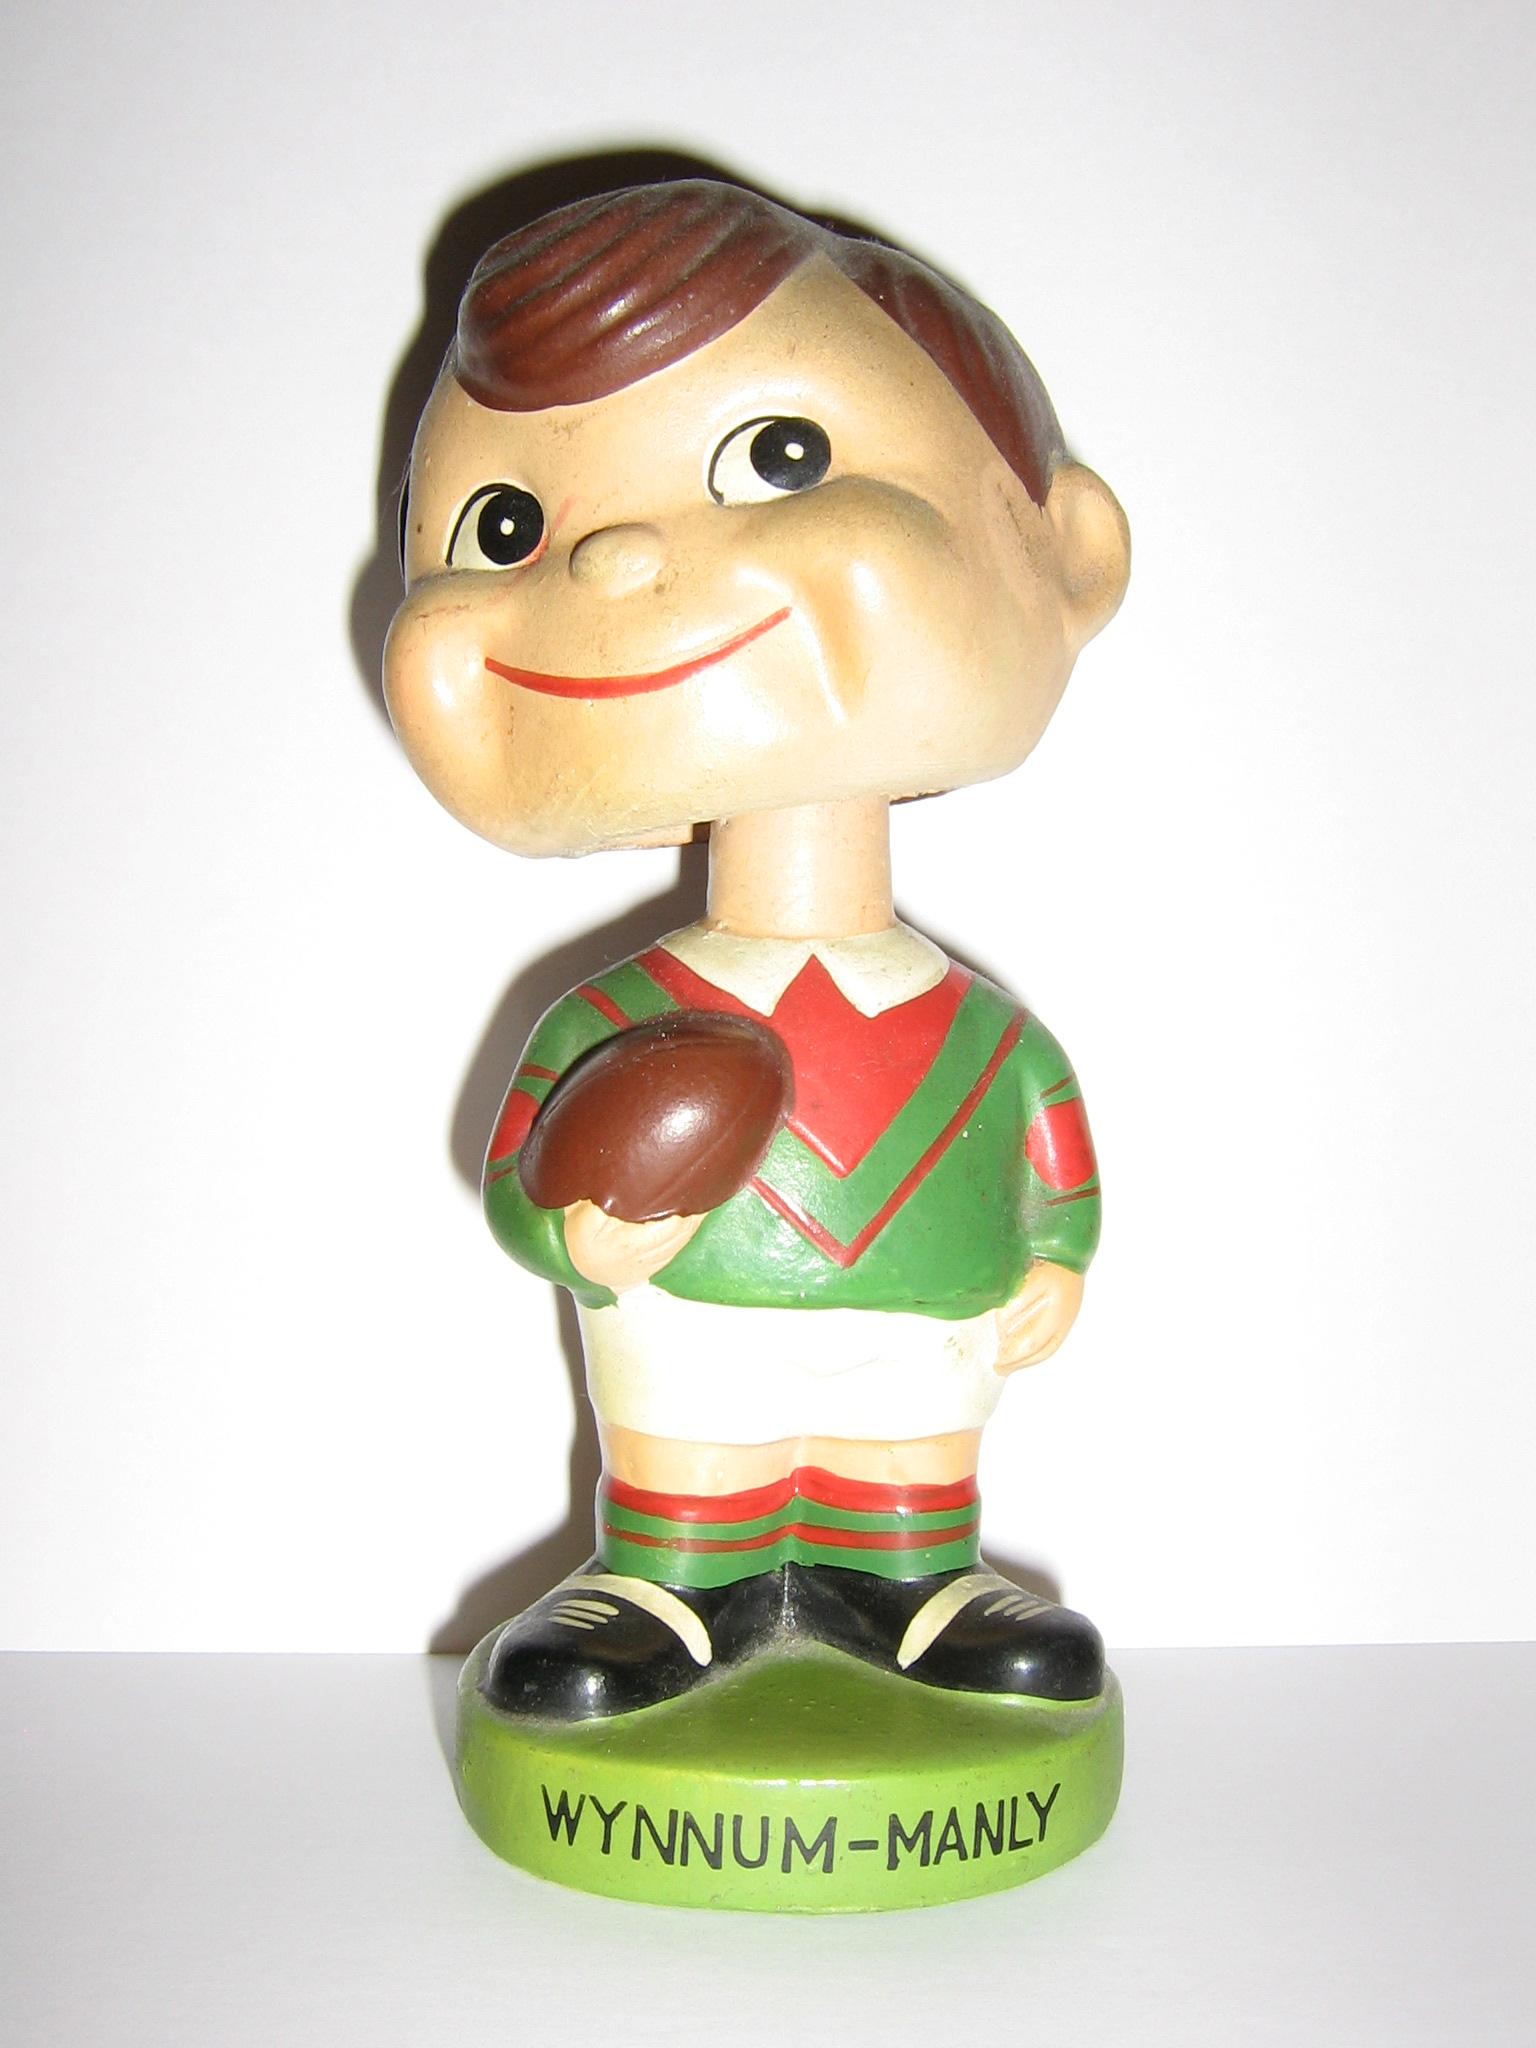 1966 Wynnum Manly Bobblehead Doll